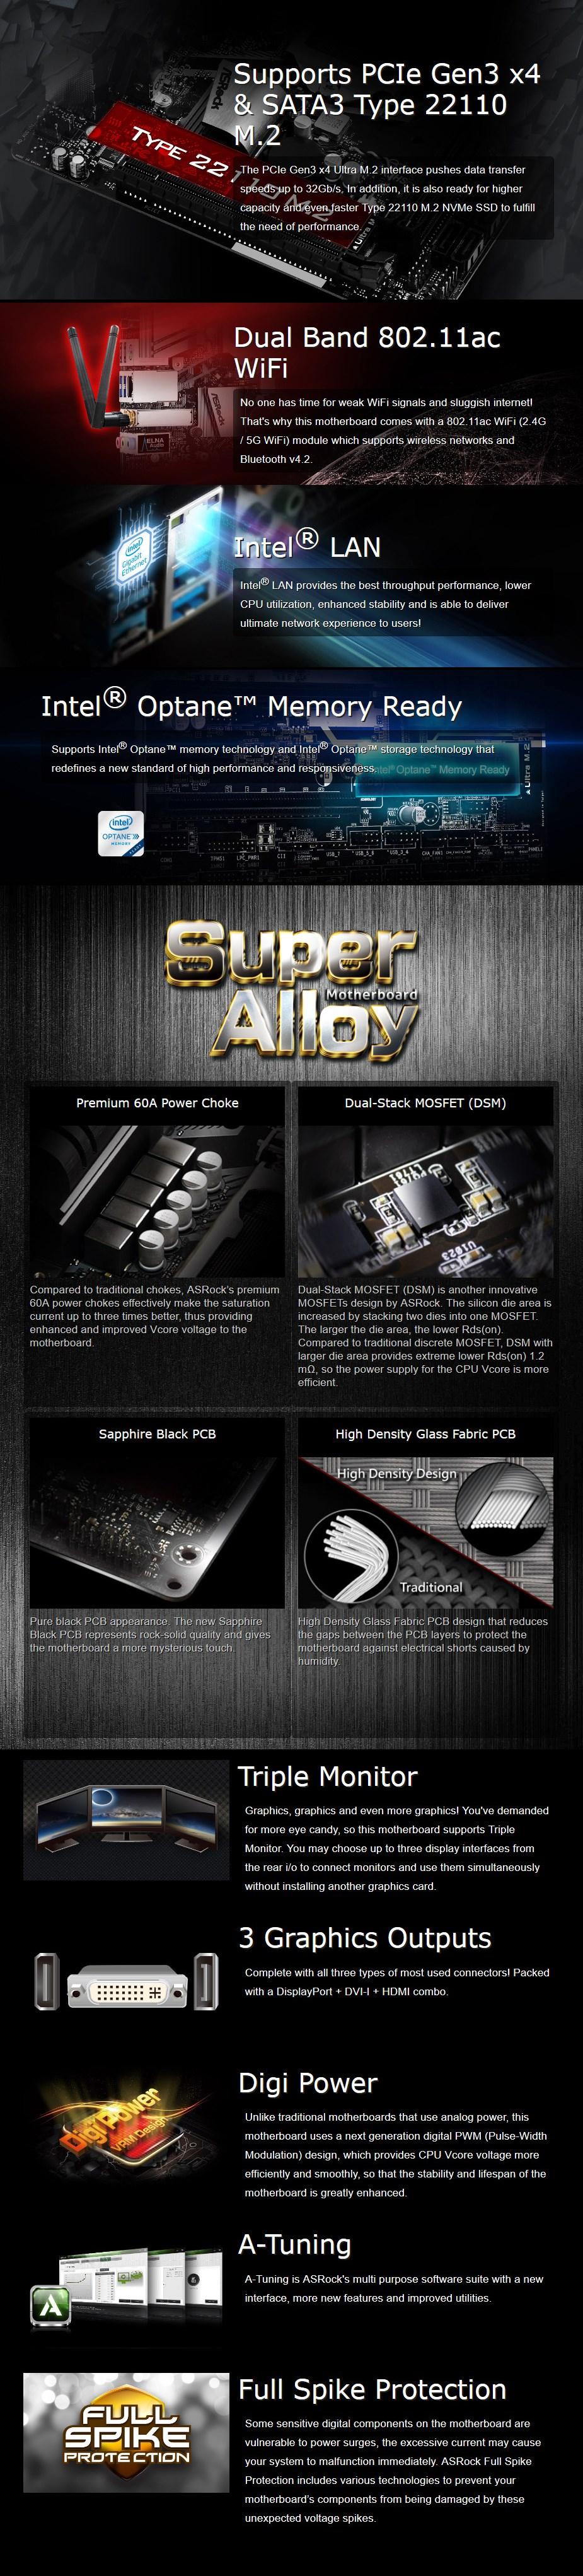 ASRock B365M-ITX/ac LGA 1151 Mini-ITX Motherboard - Desktop Overview 1